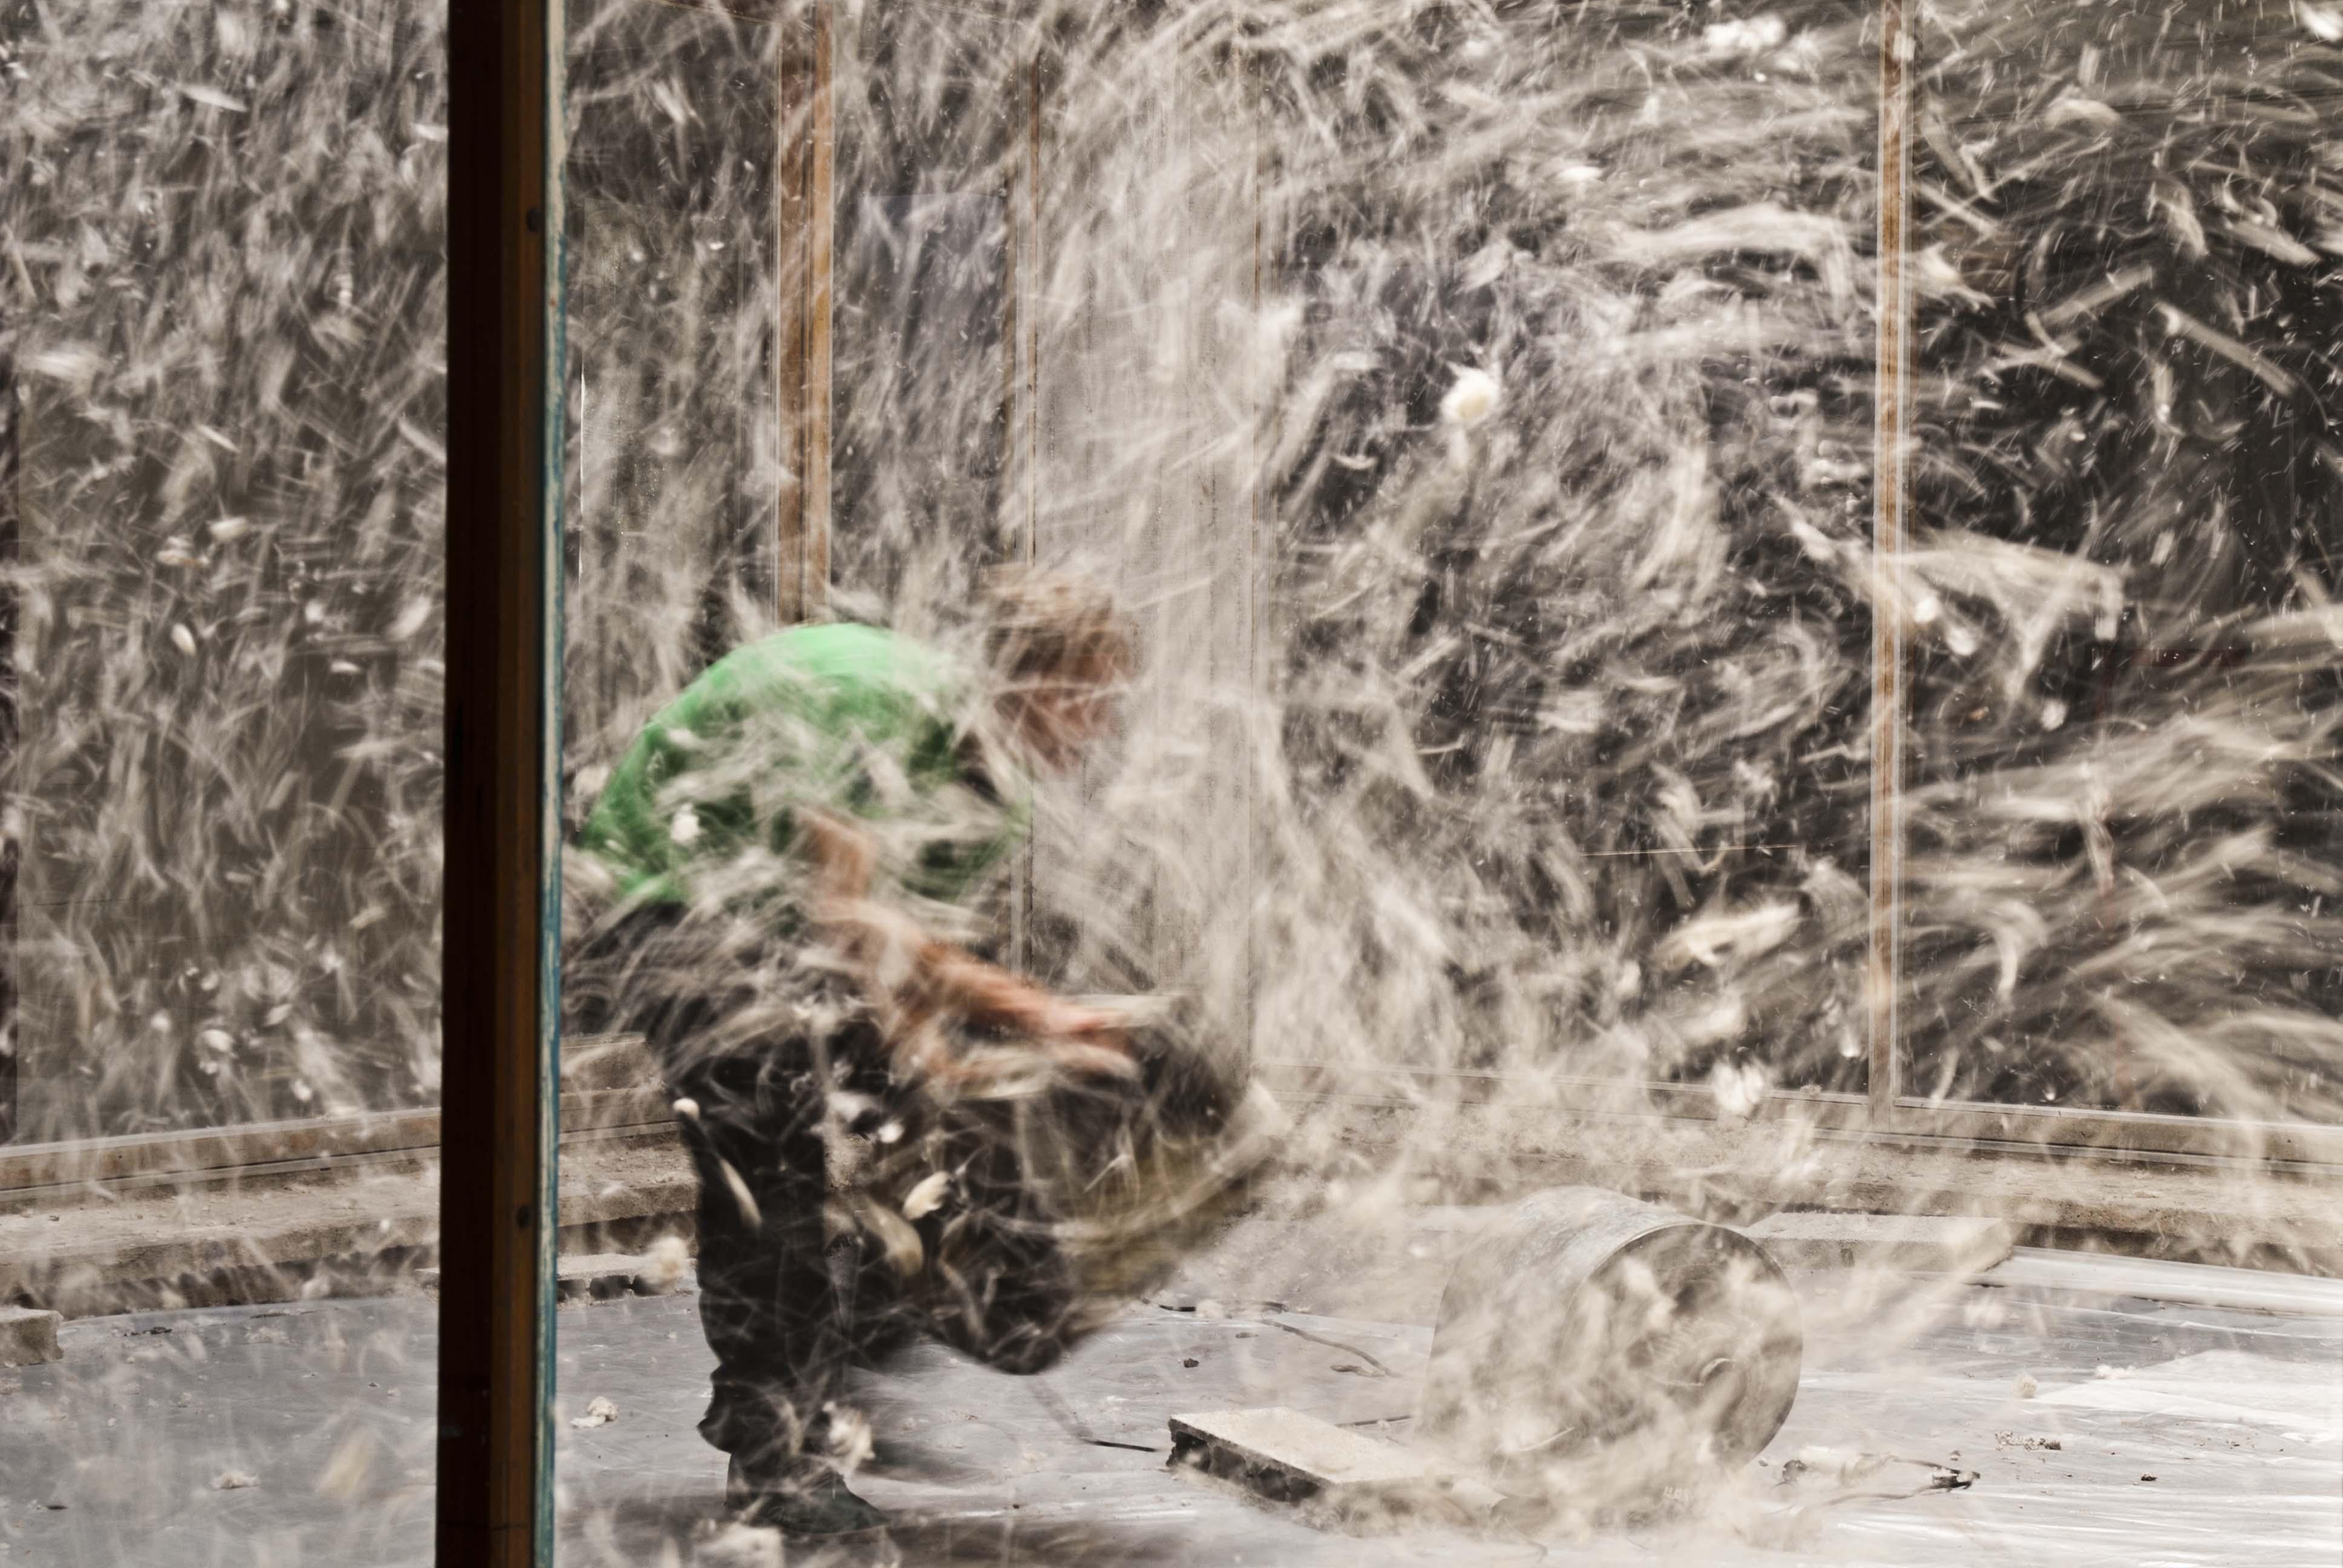 Vivien Roubaud, Pollen de peuplier, soufflerie, centre-trente mètres cubes d'air, deux-cent-vingt volts, 2010, © Vivien Roubaud / Galerie In Situ - Fabienne Leclerc, Paris